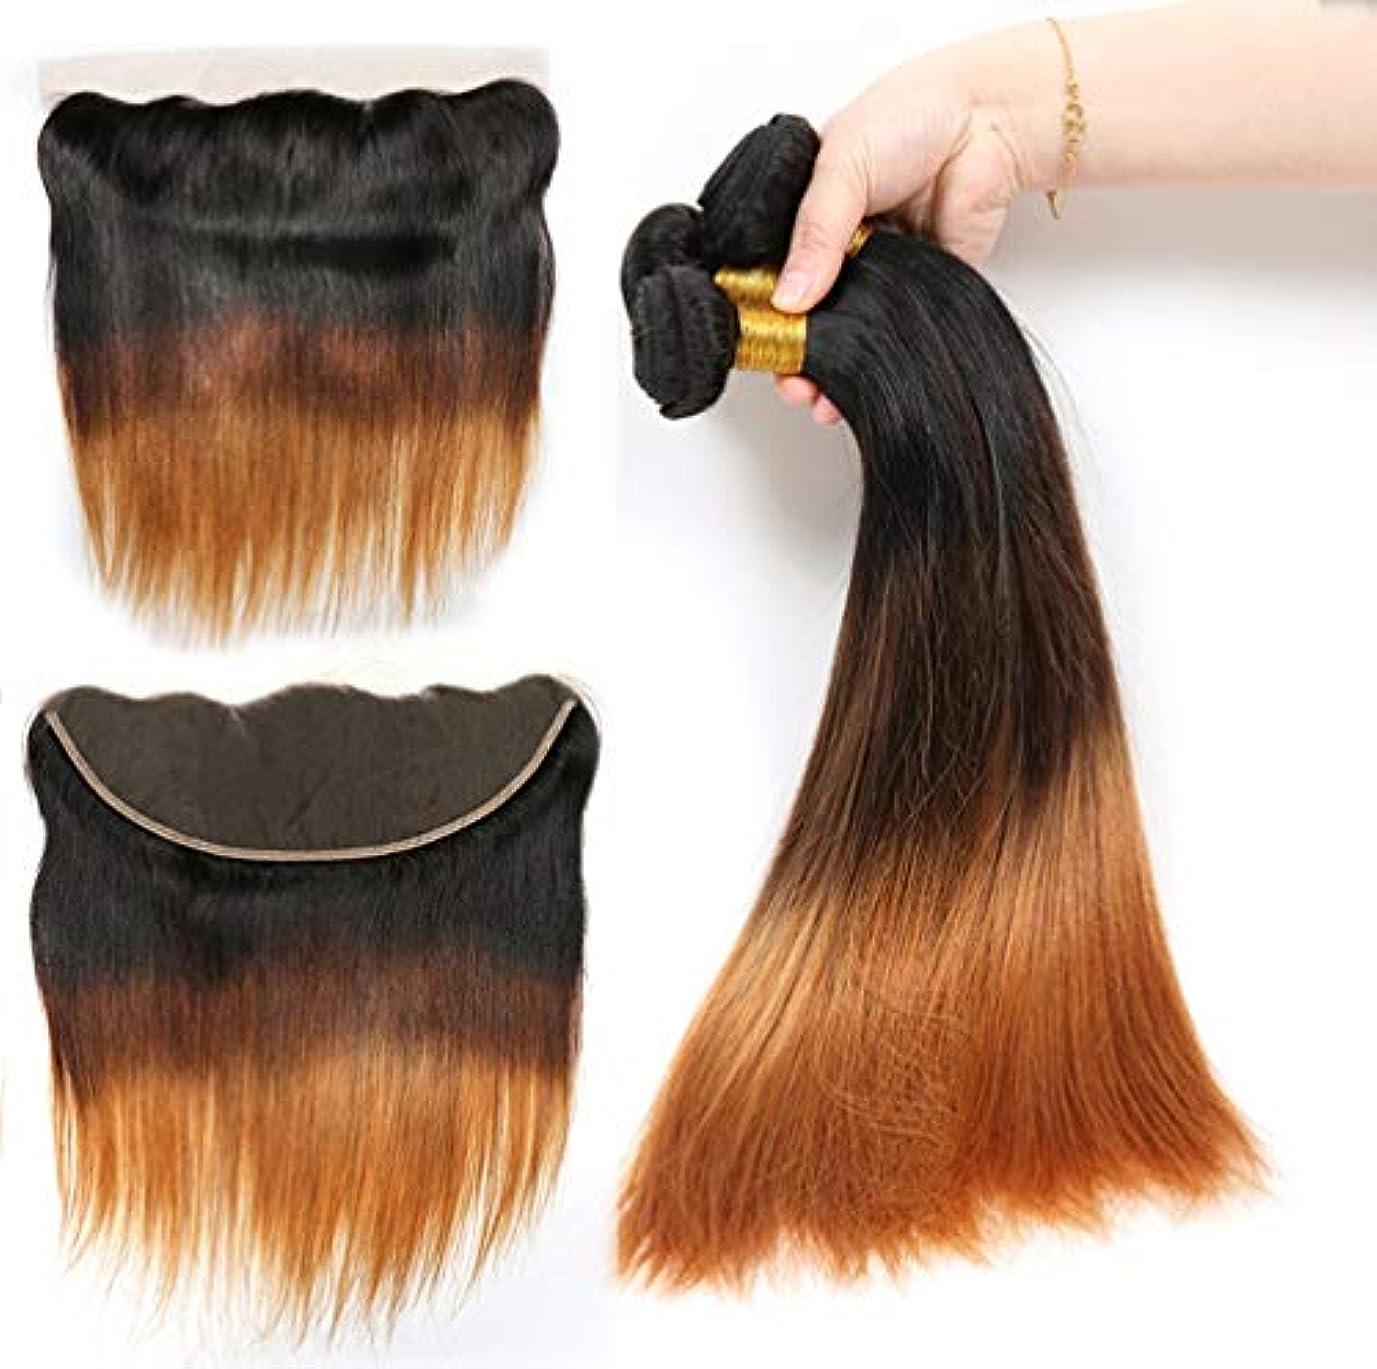 ブートコメンテーターぜいたく女性ブラジルのストレートヘアバージンヘアクロージャーフリーパート3バンドル100%未処理レミー人間の毛延長